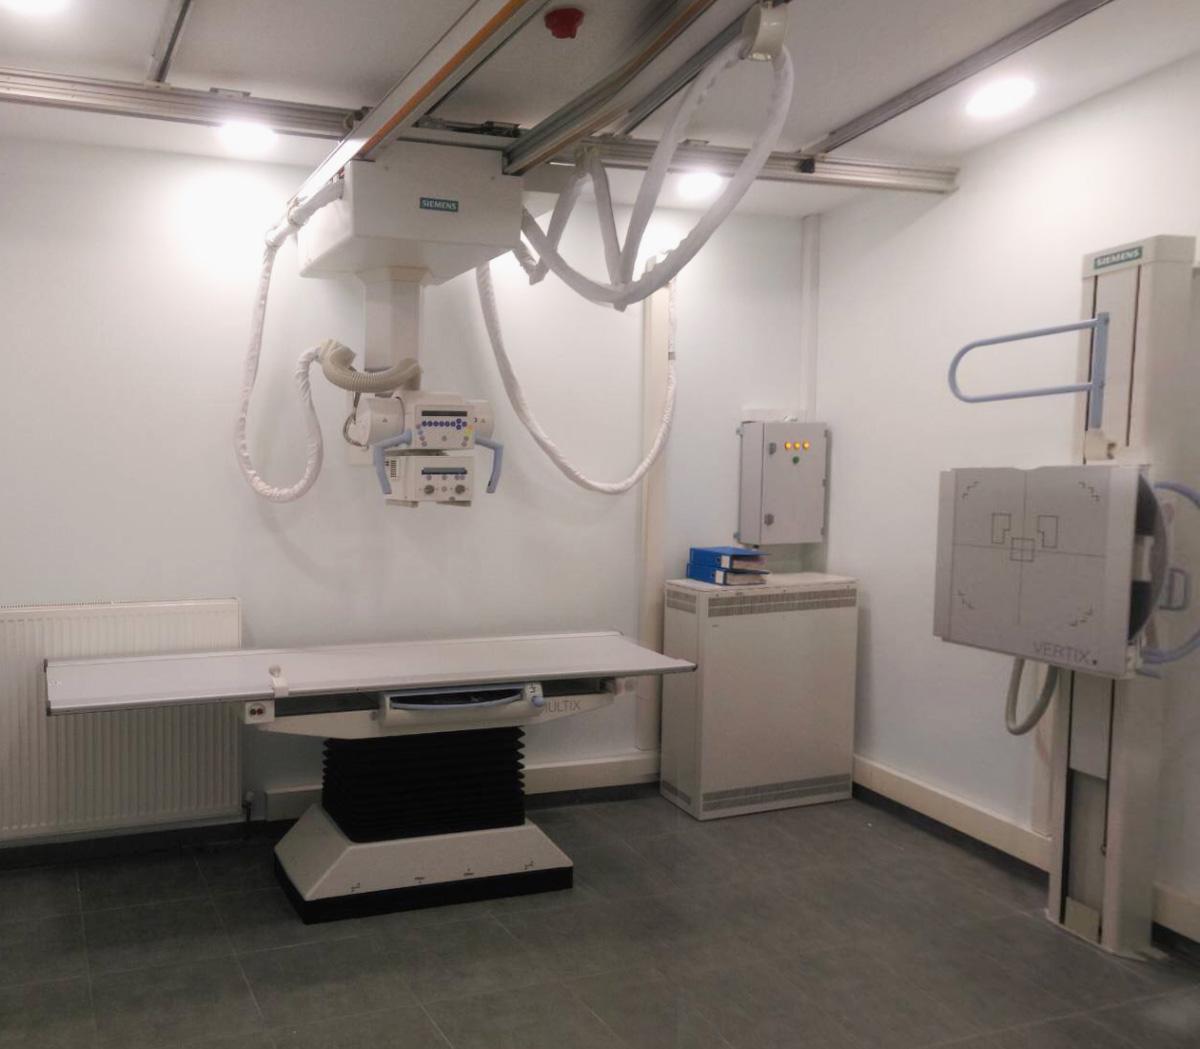 Ακτινολογικό μηχάνημα Siemens aktinologiko από την medicalsystems